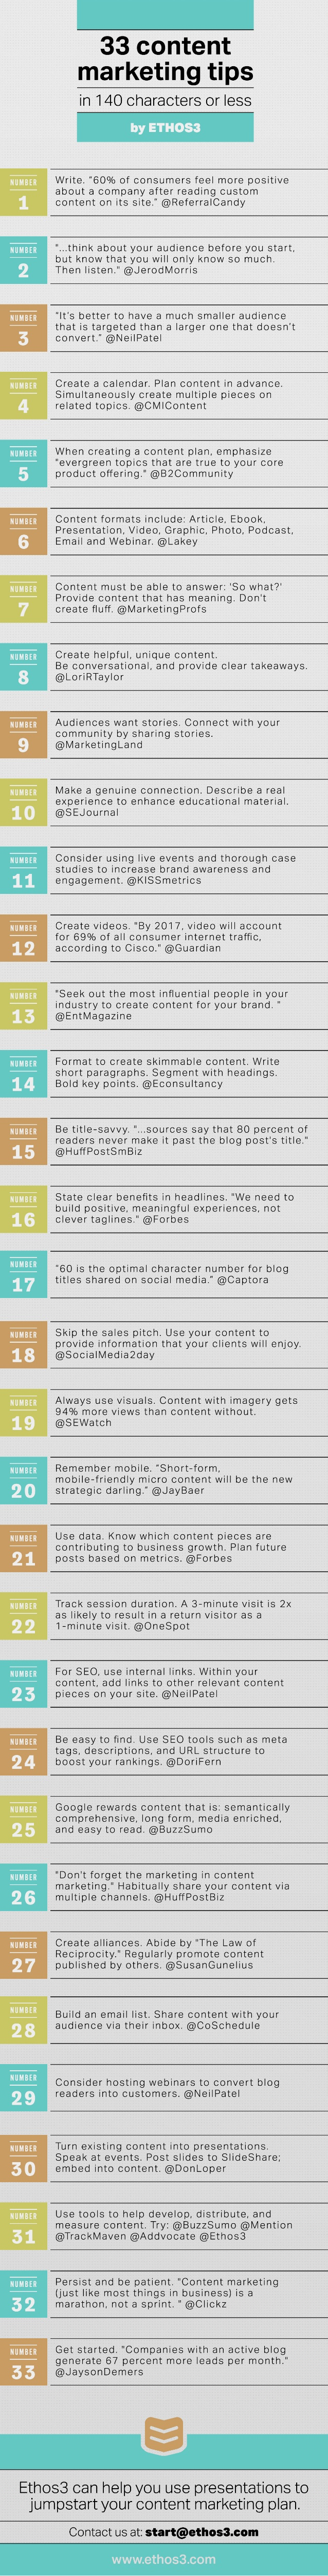 33 consejos sobre marketing de contenidos en 140 caracteres